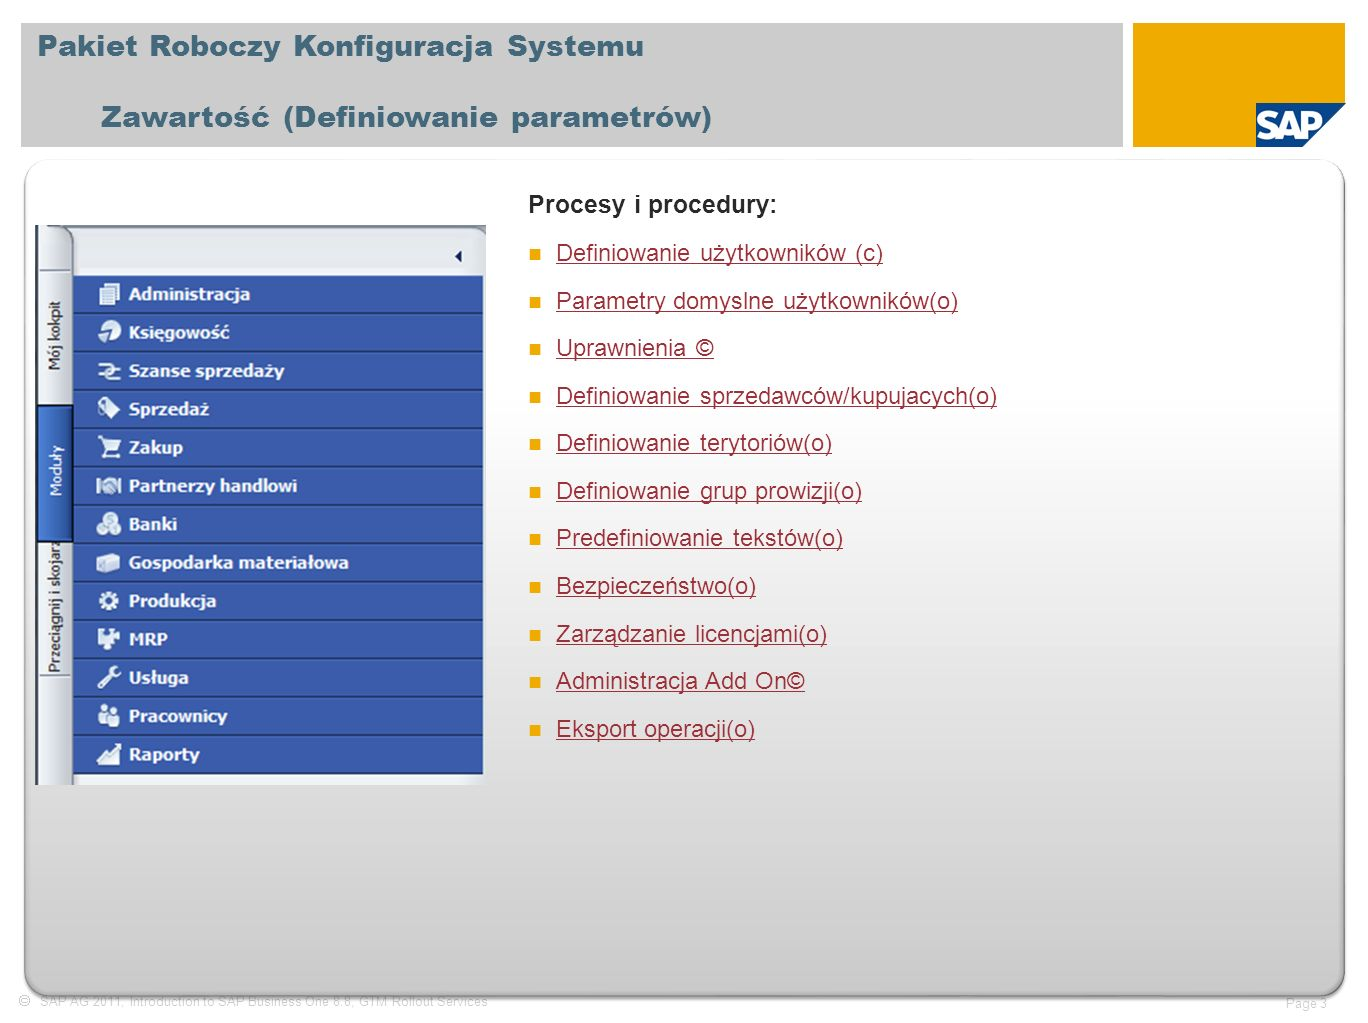  SAP AG 2011, Introduction to SAP Business One 8.8, GTM Rollout Services Page 24 Definiowanie Sprzedawców/Kupujących Procesy i procedury Ogólne: To okno służy do definiowania sprzedawców i kupujących oraz do ustawiania ich wartości domyślnych.